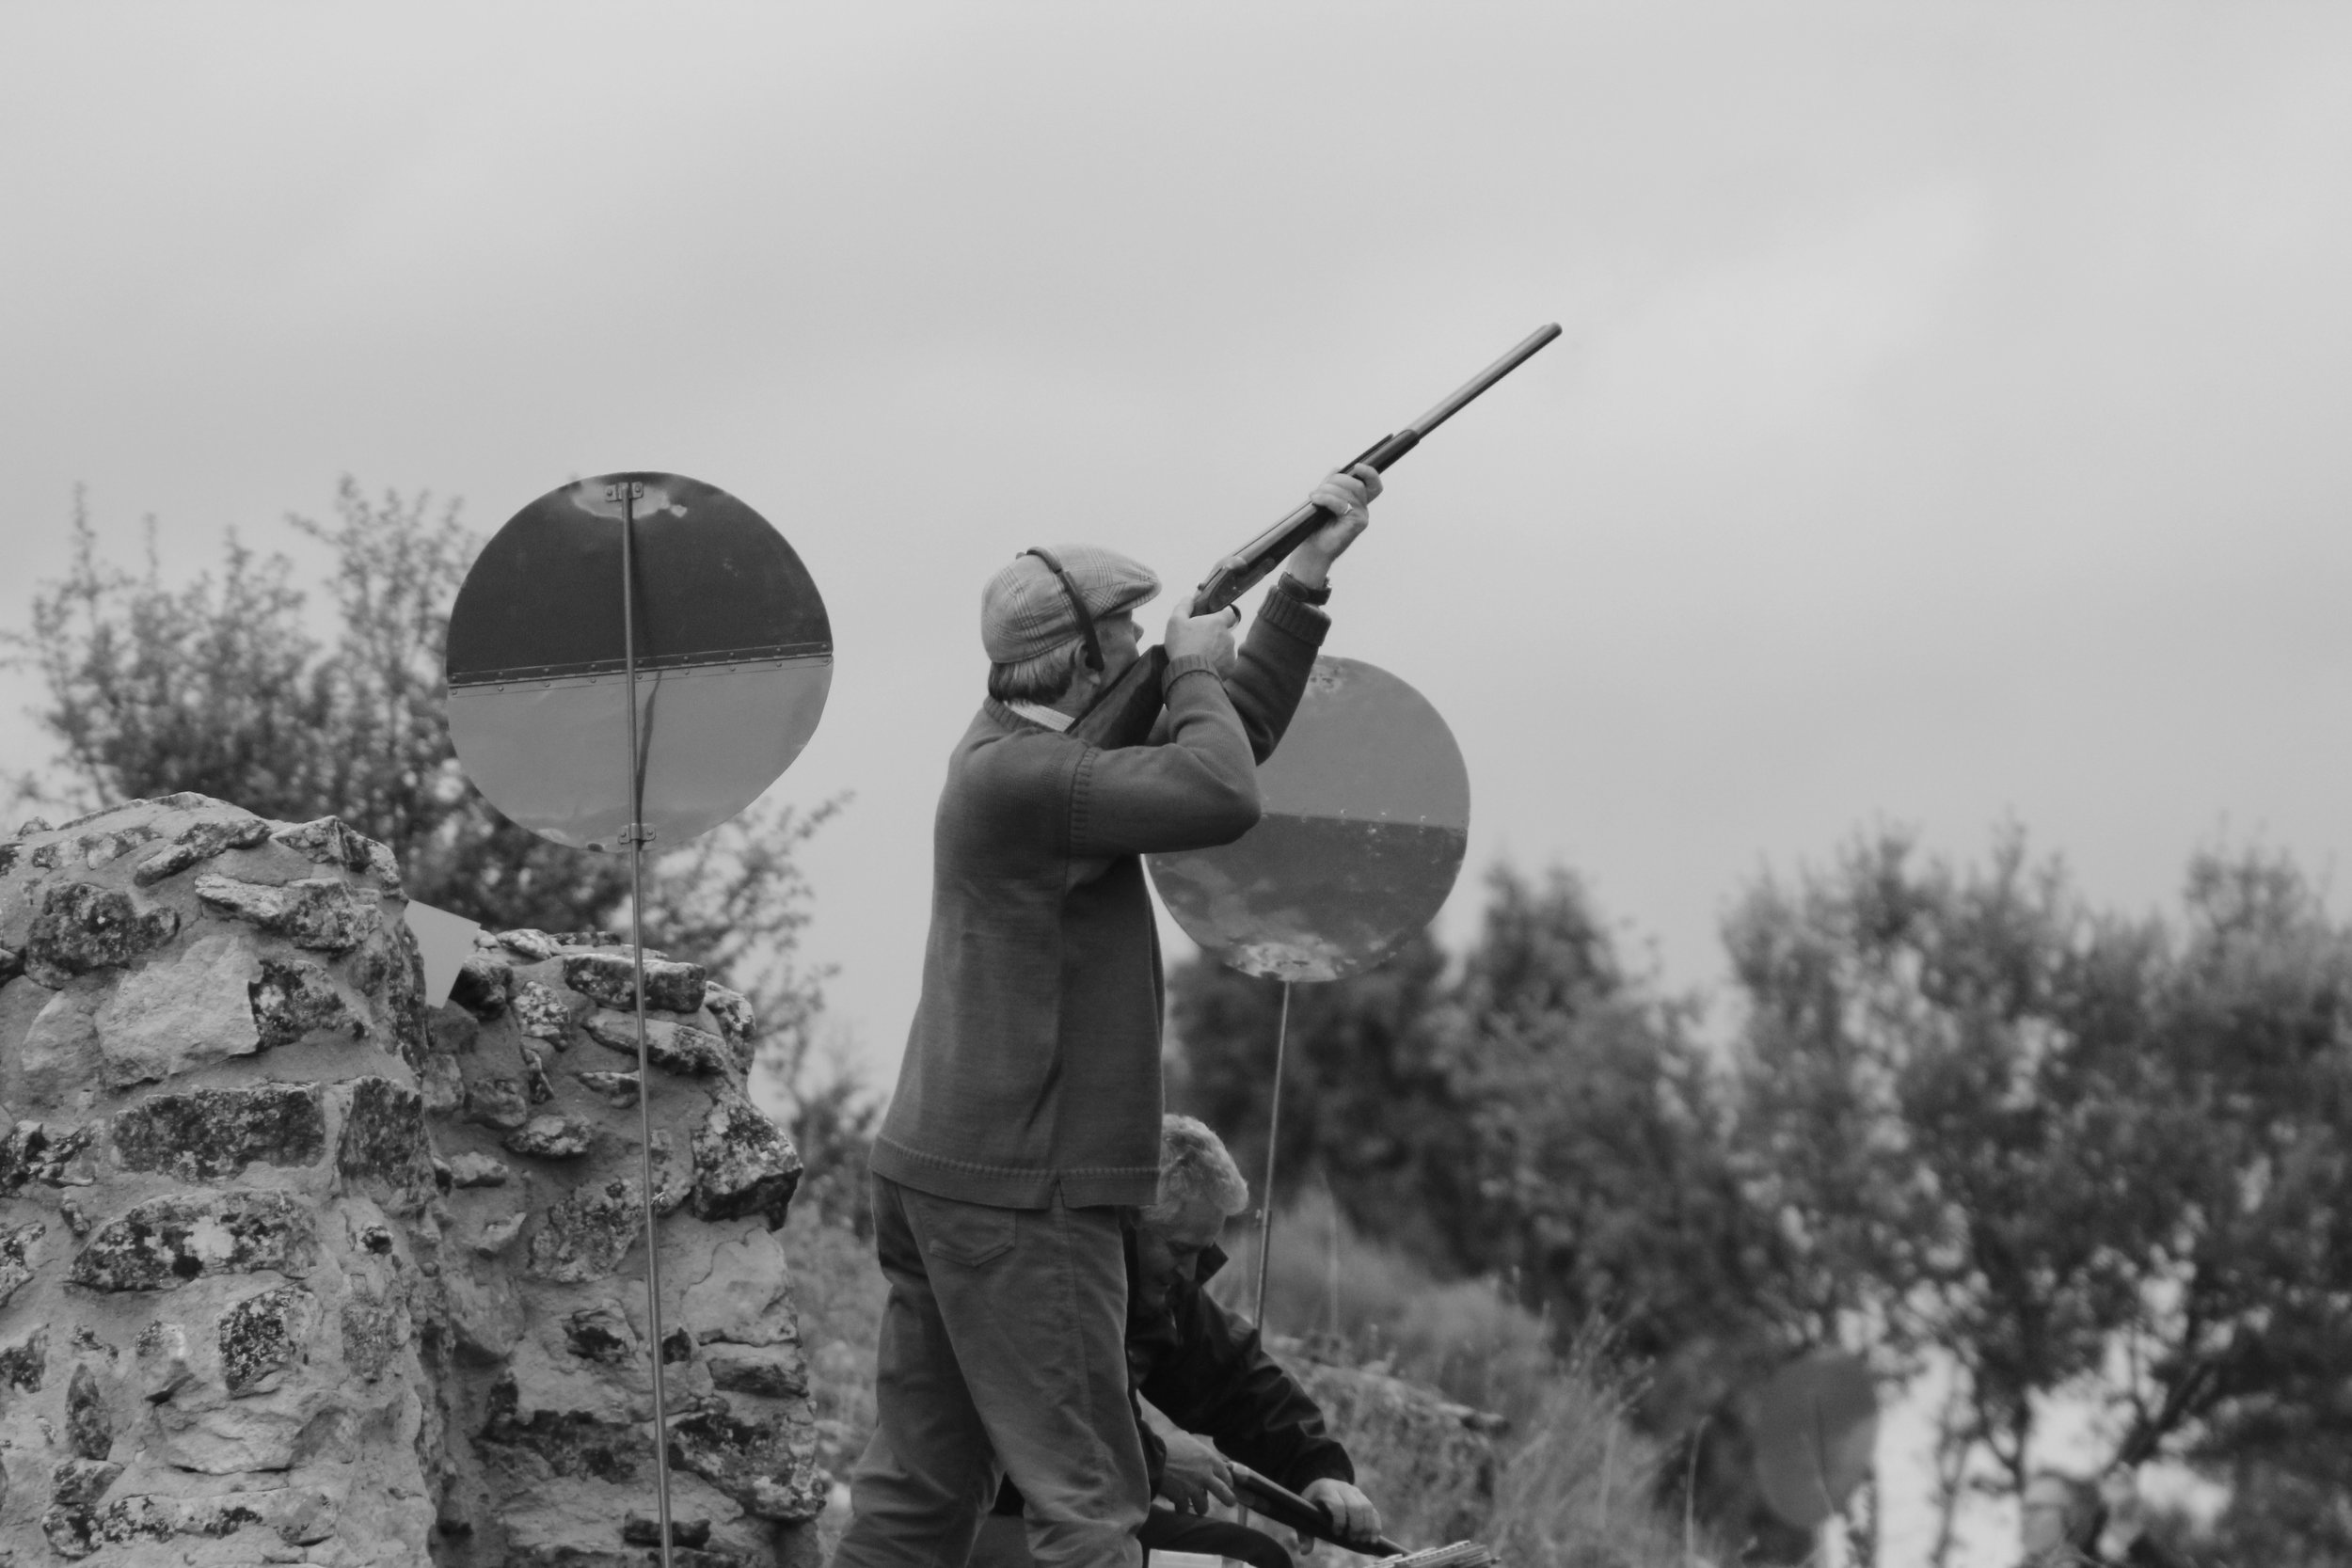 partridge-shooting-spain